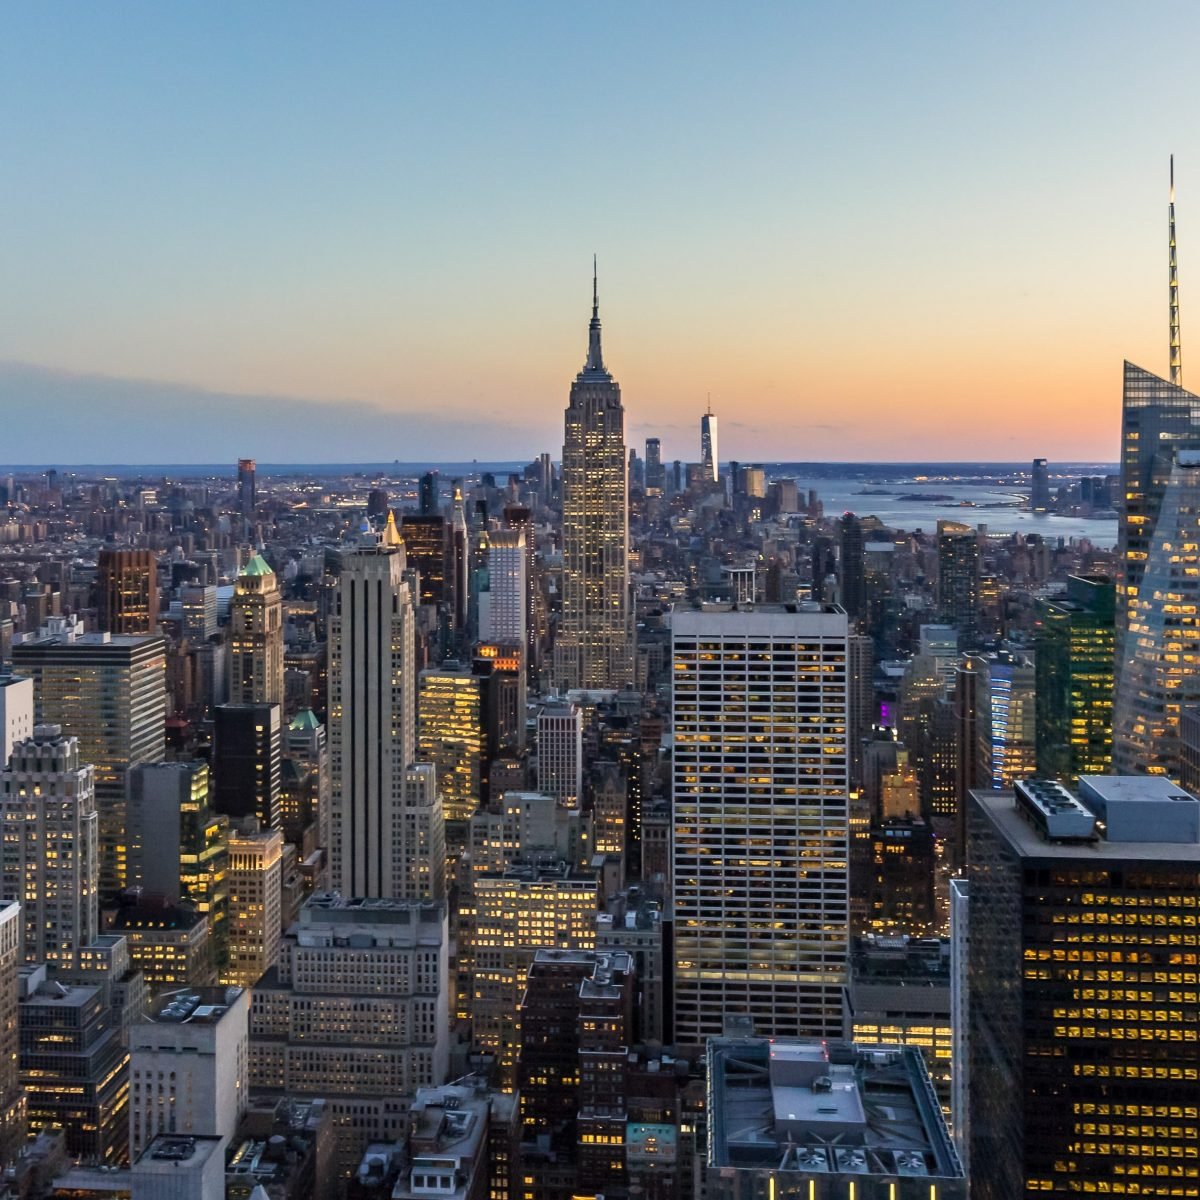 Aerial photo of Manhattan